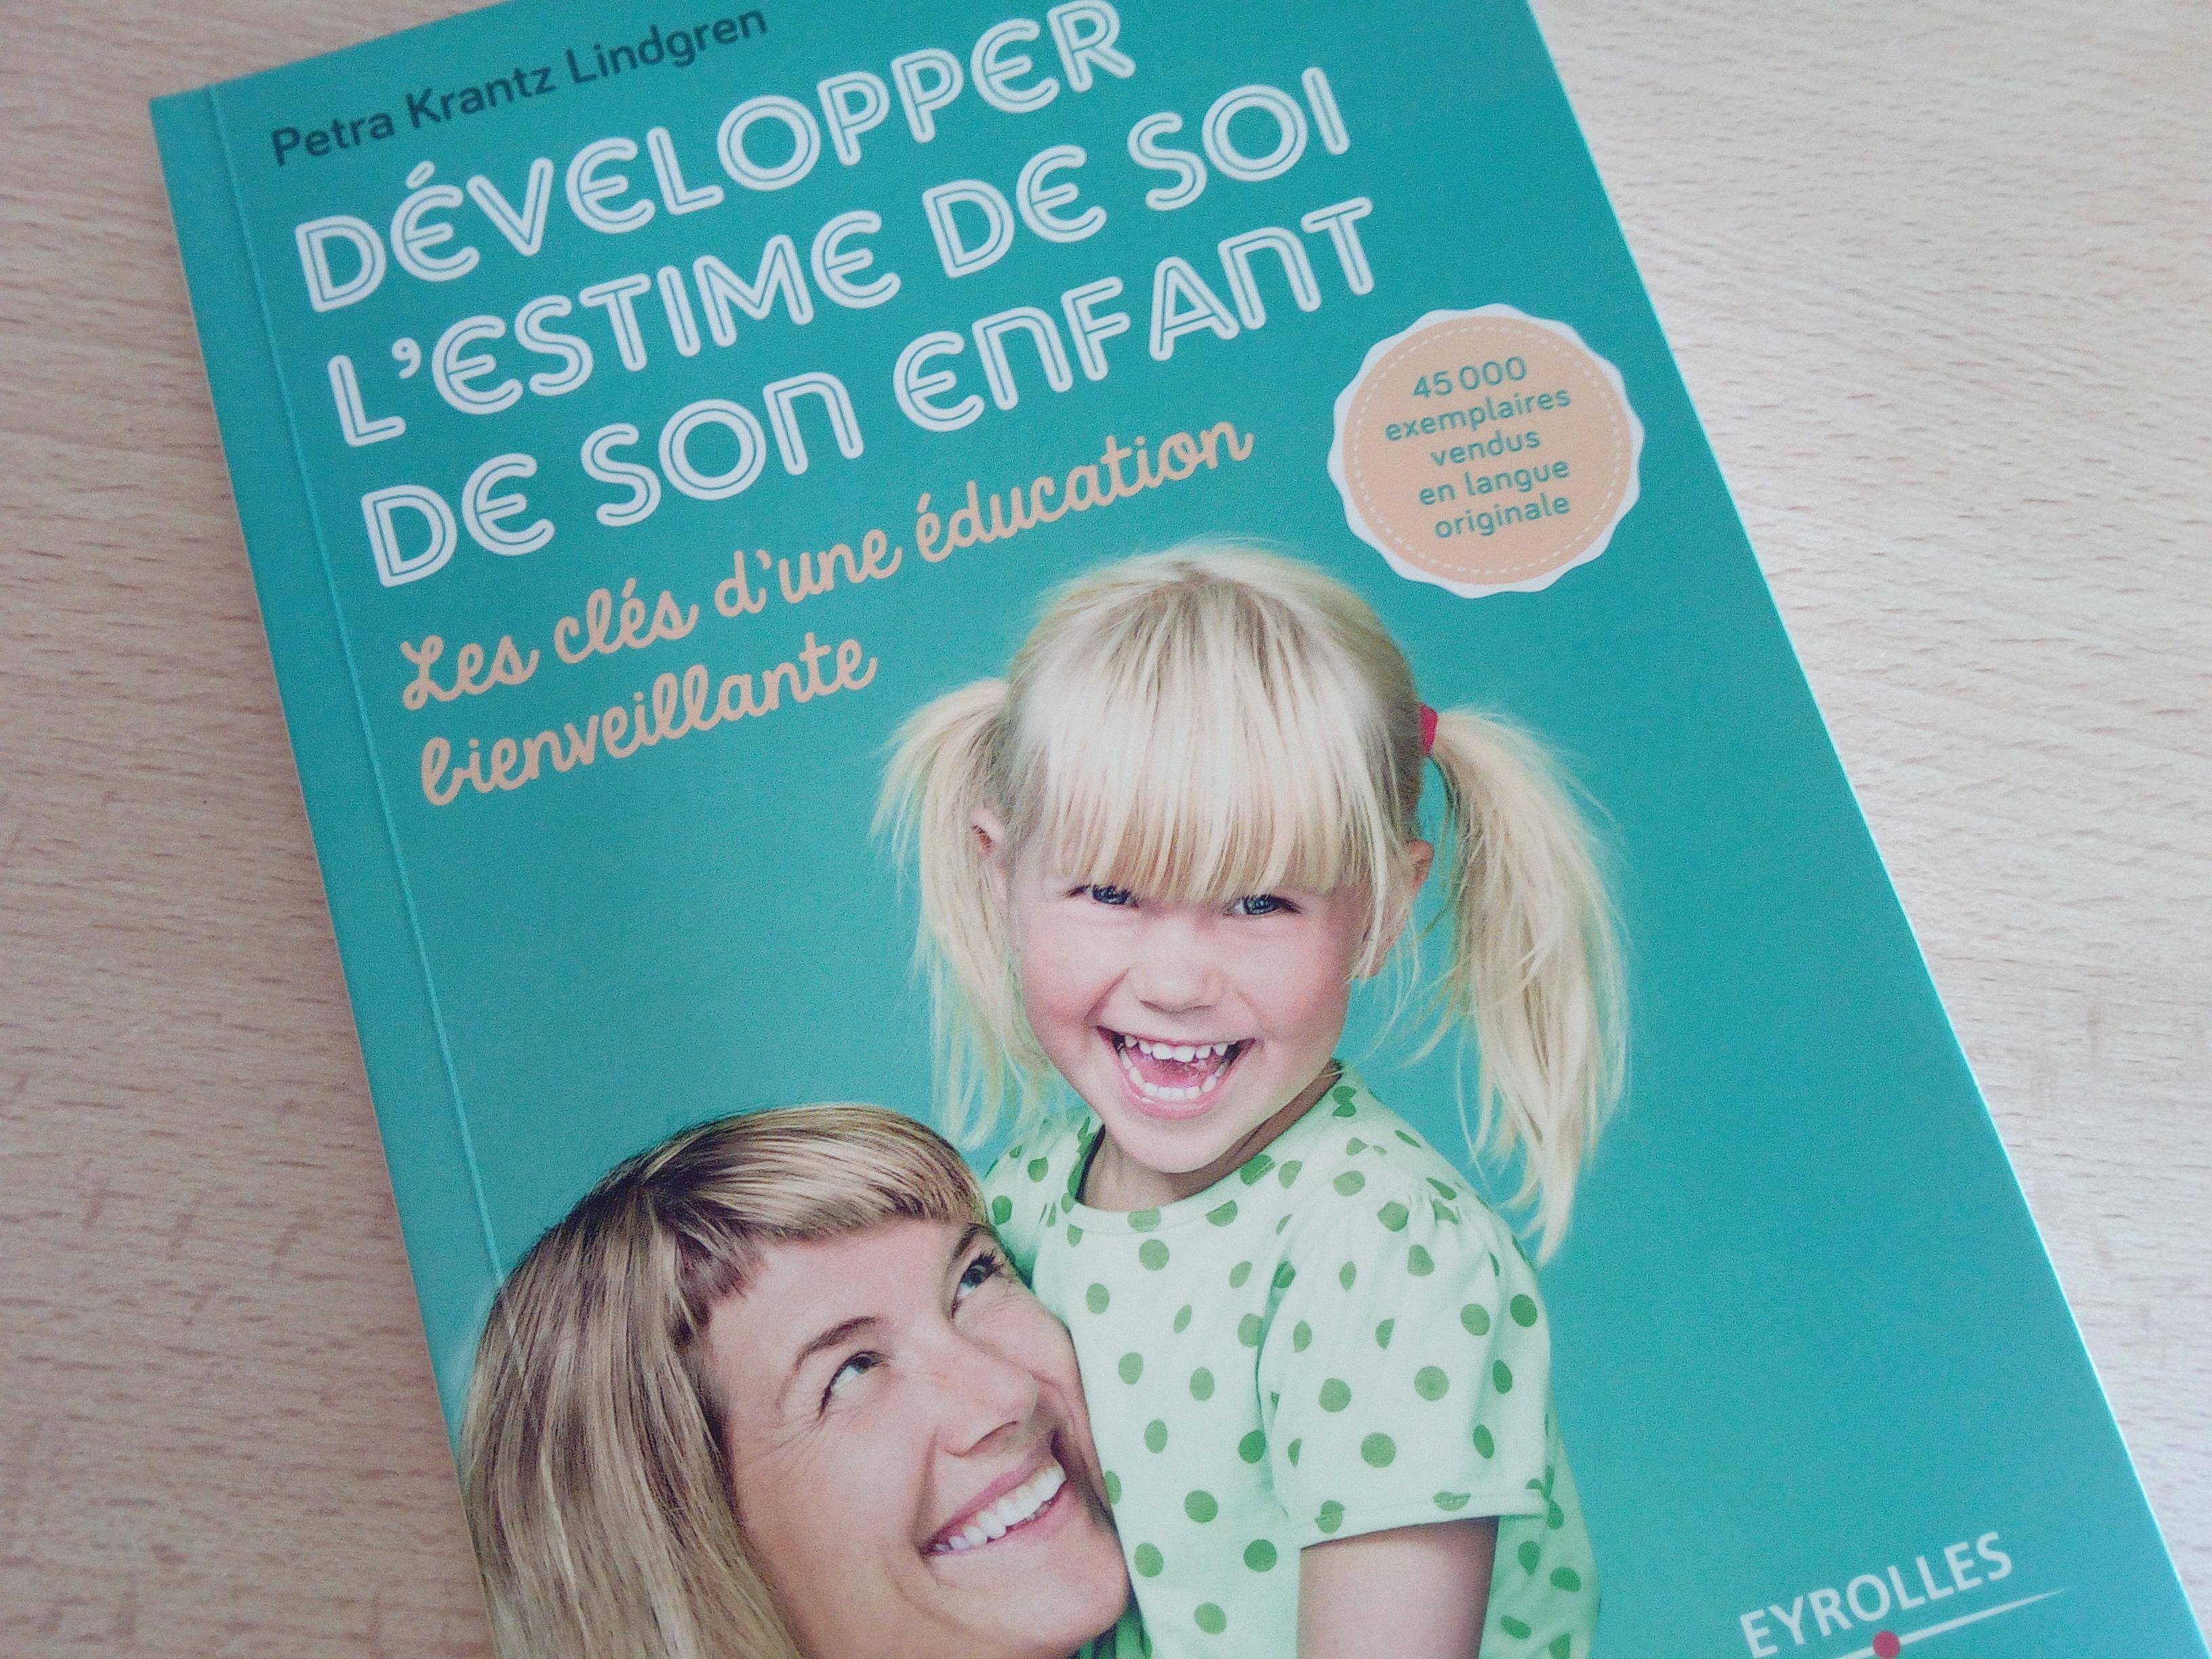 livre développer l'estime de soi de son enfant